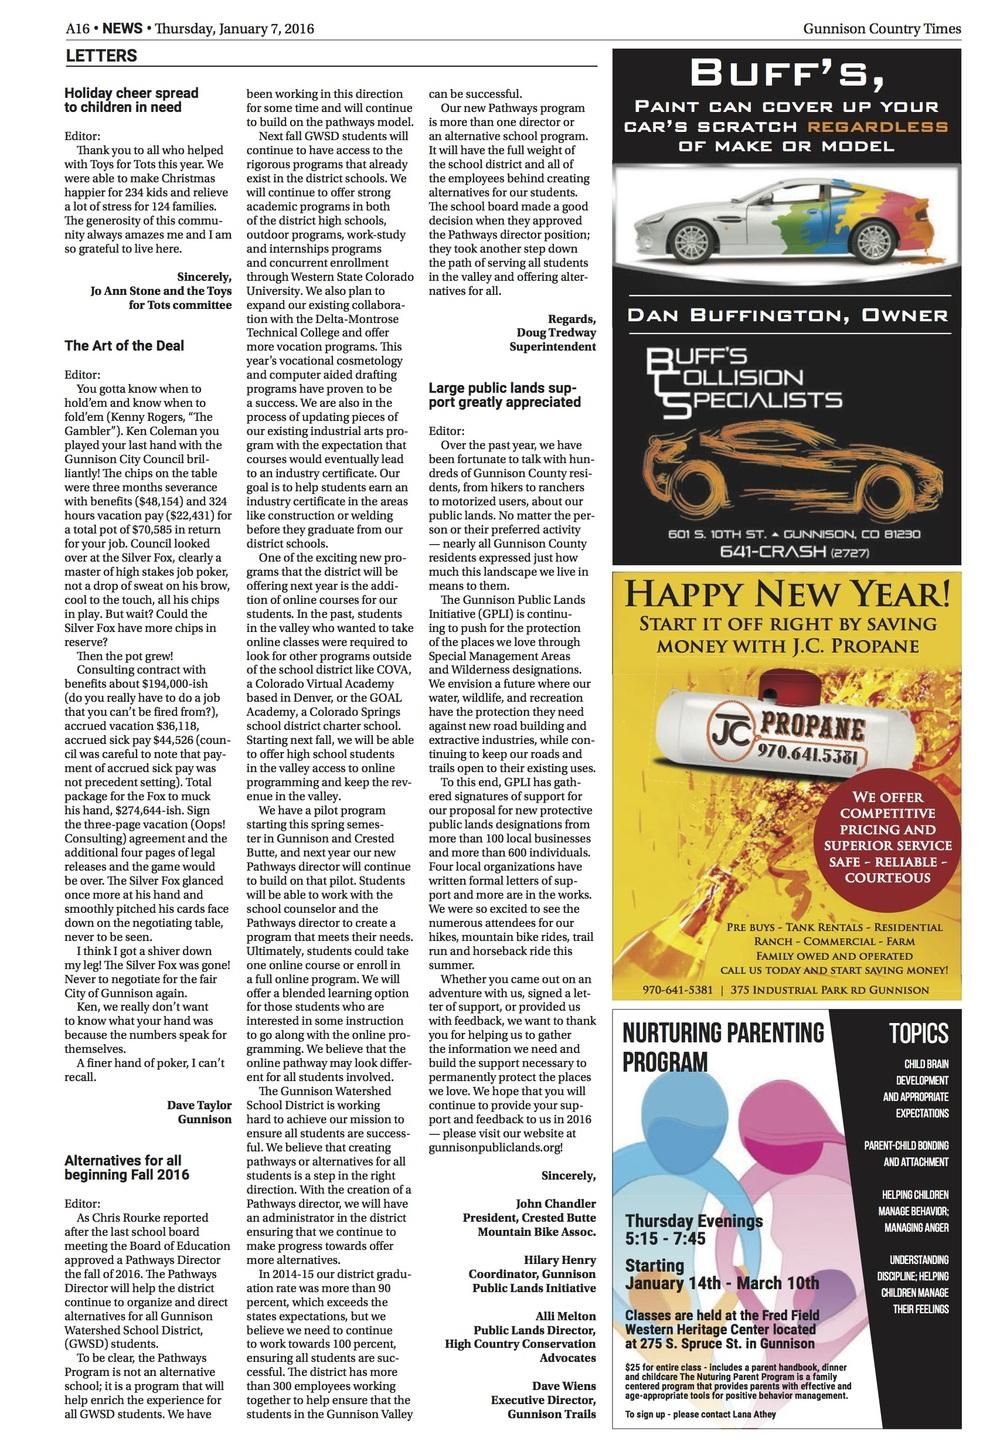 Gunnison Times